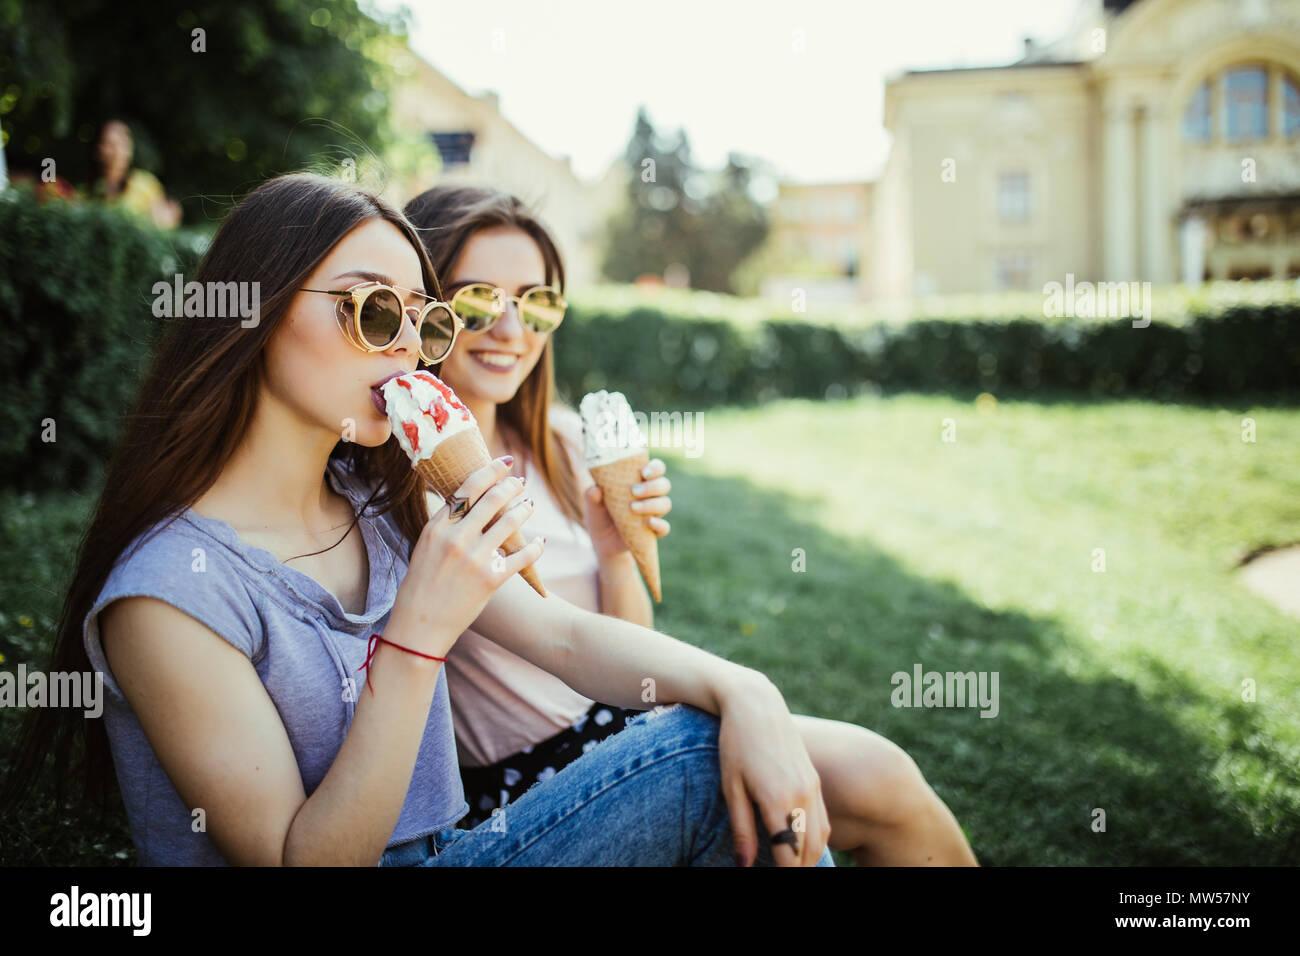 Zwei junge Frauen, die Freunde essen Eis sitzen auf das Gras in den Straßen der Stadt Stockbild